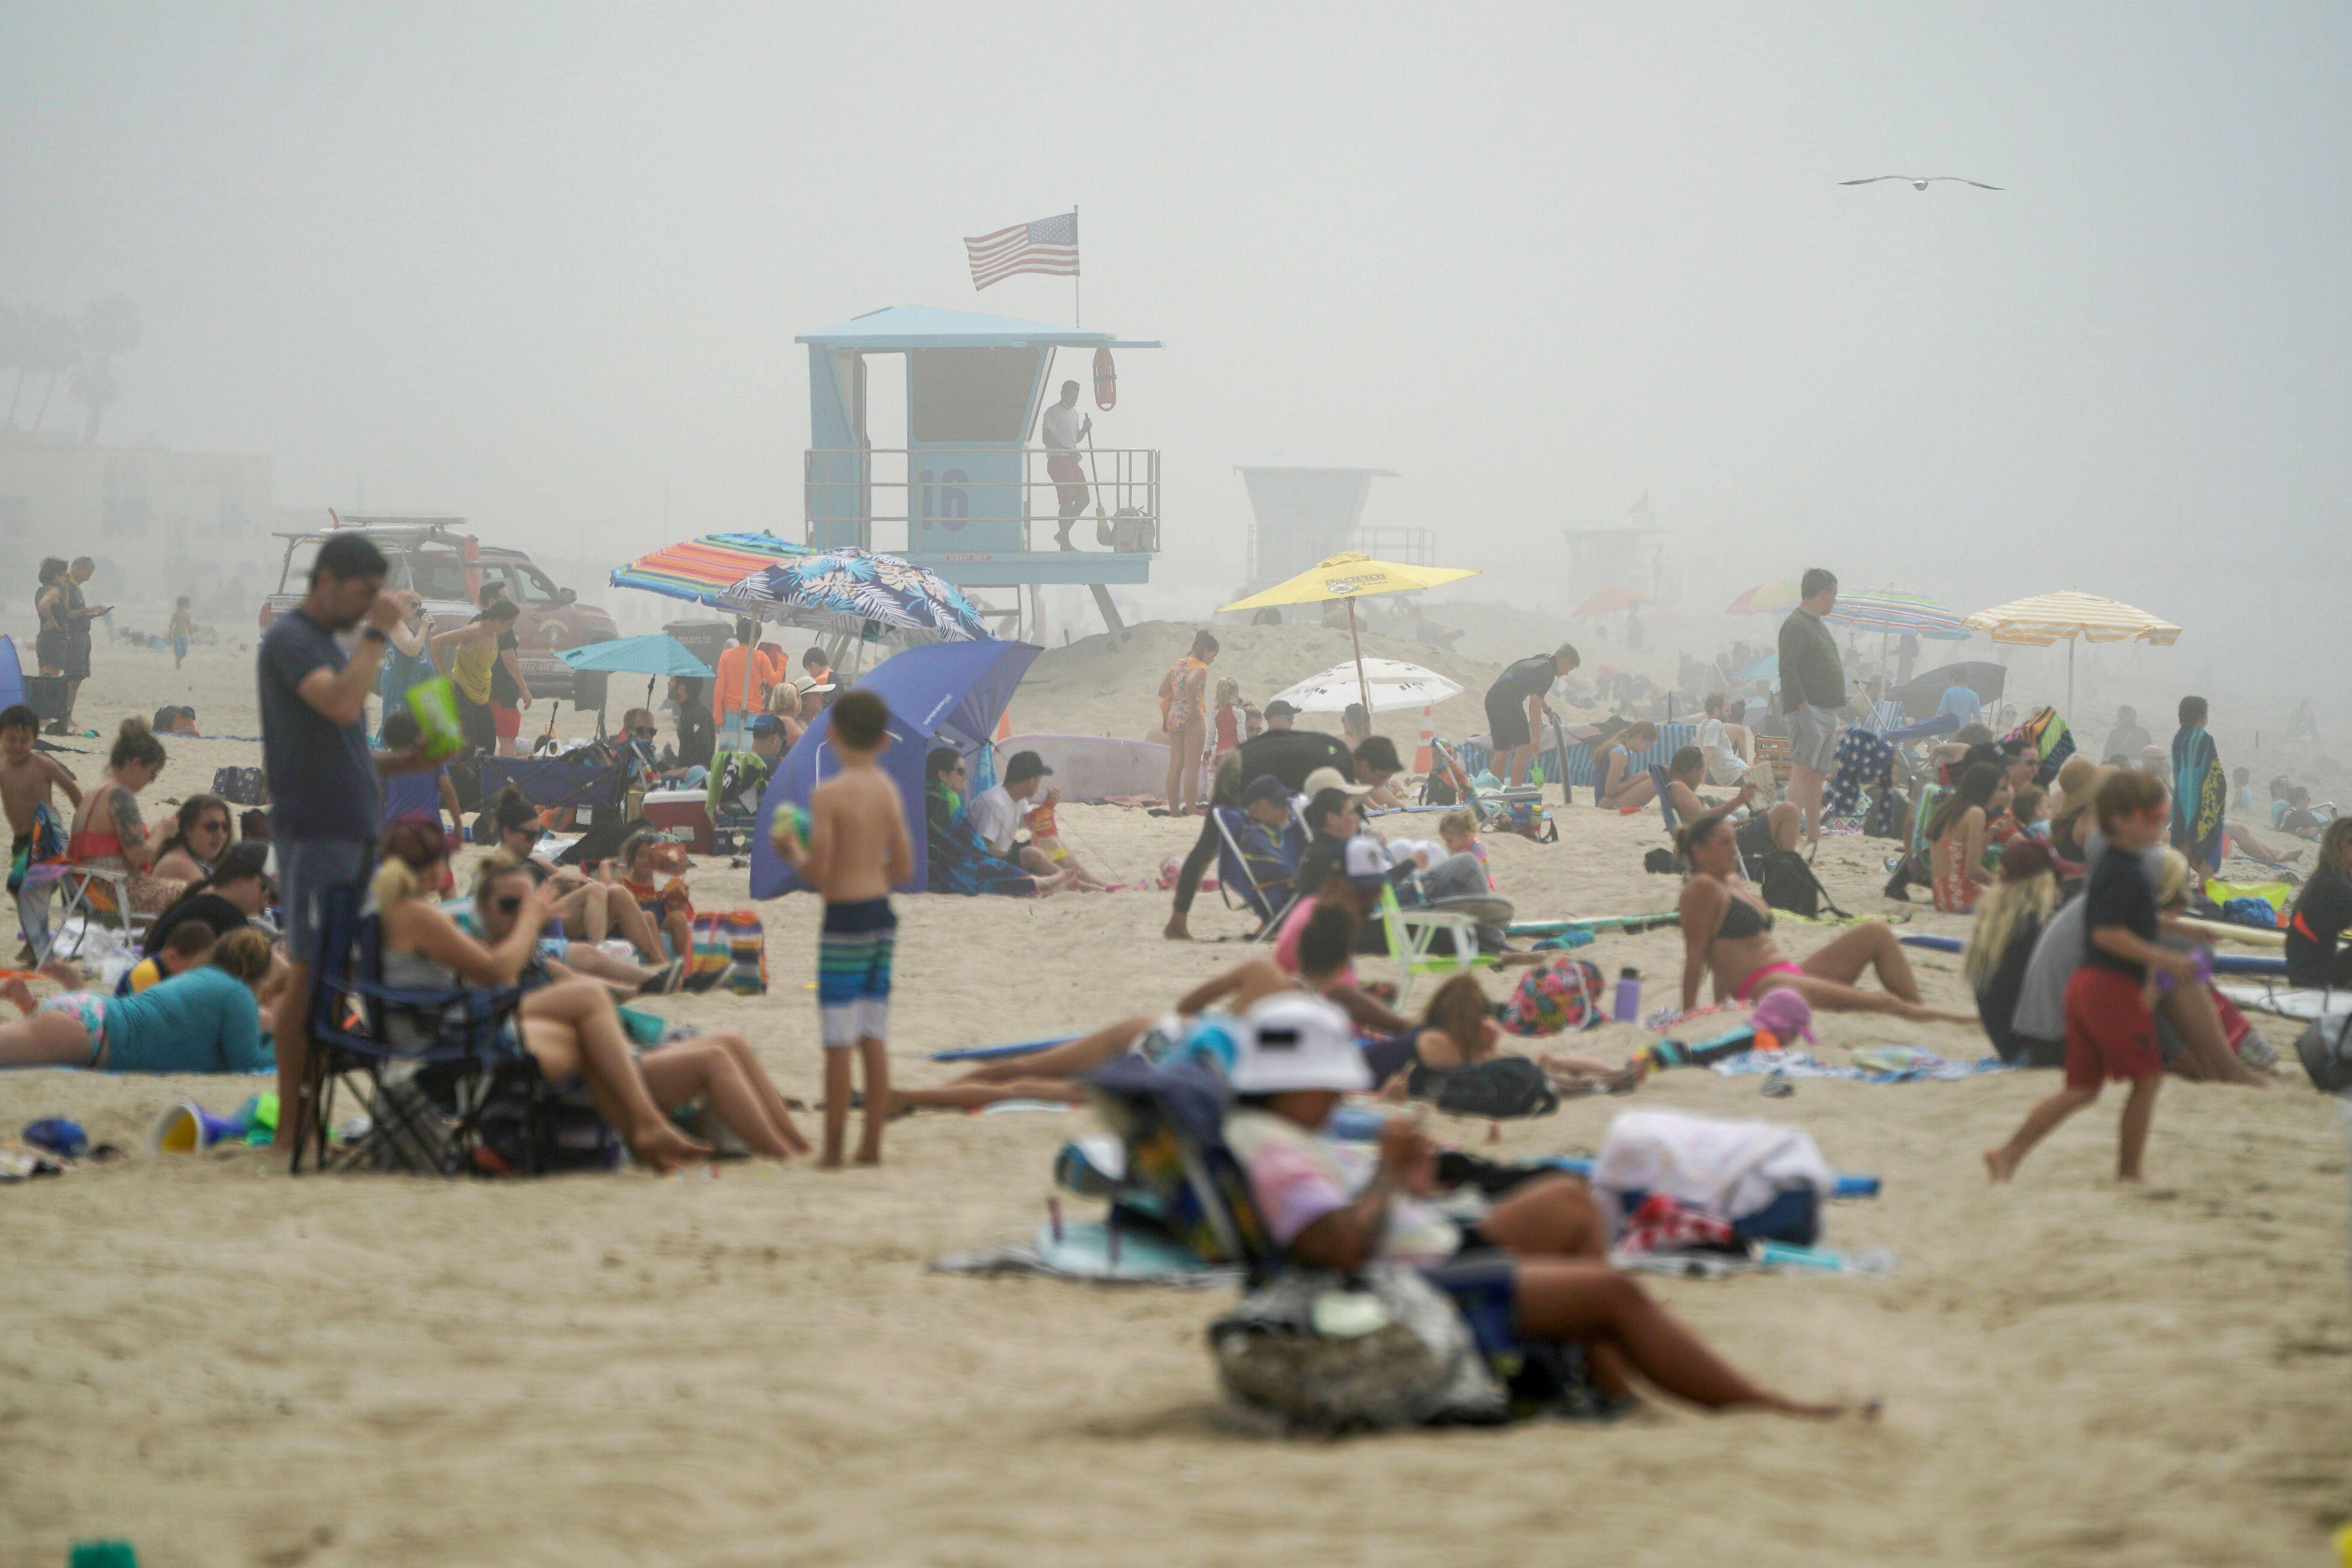 Bañistas se sientan en grupo en la playa de Huntington Beach, durante la pandemia del COVID-19, este sábado 25 de abril (Foto: REUTERS/Kyle Grillot)